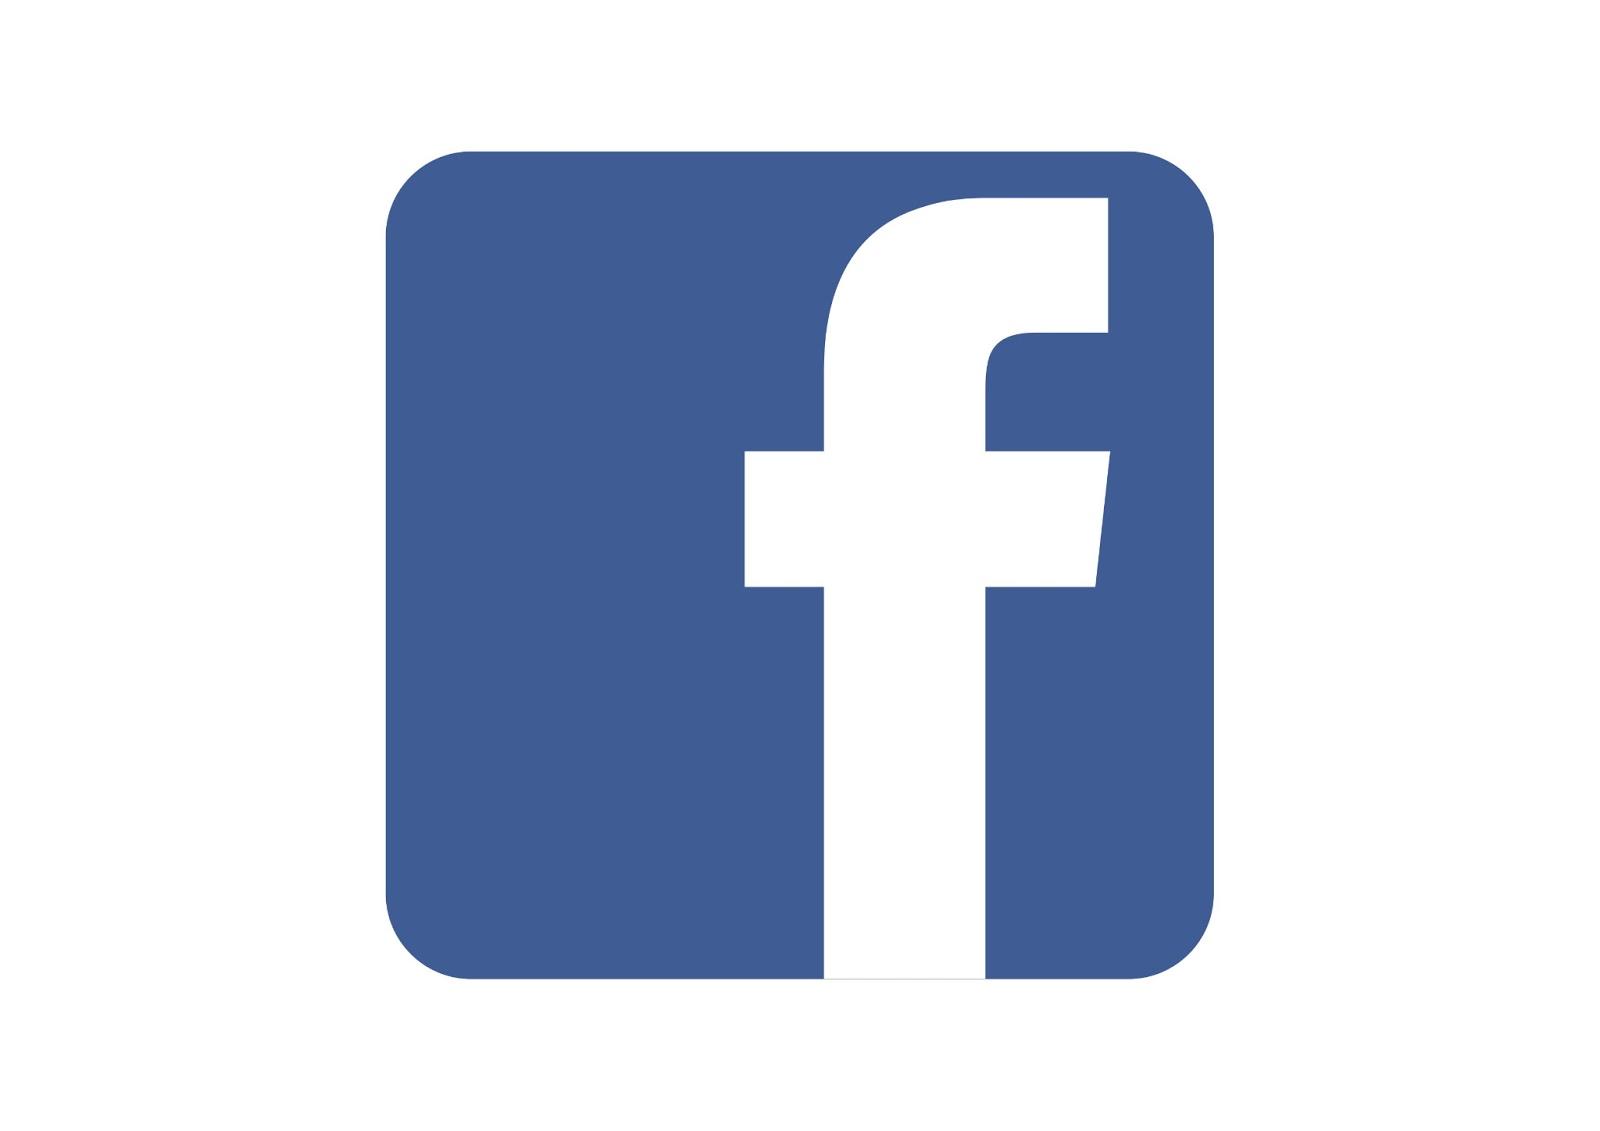 Seputar Desain: Cara membuat logo Facebook dengan